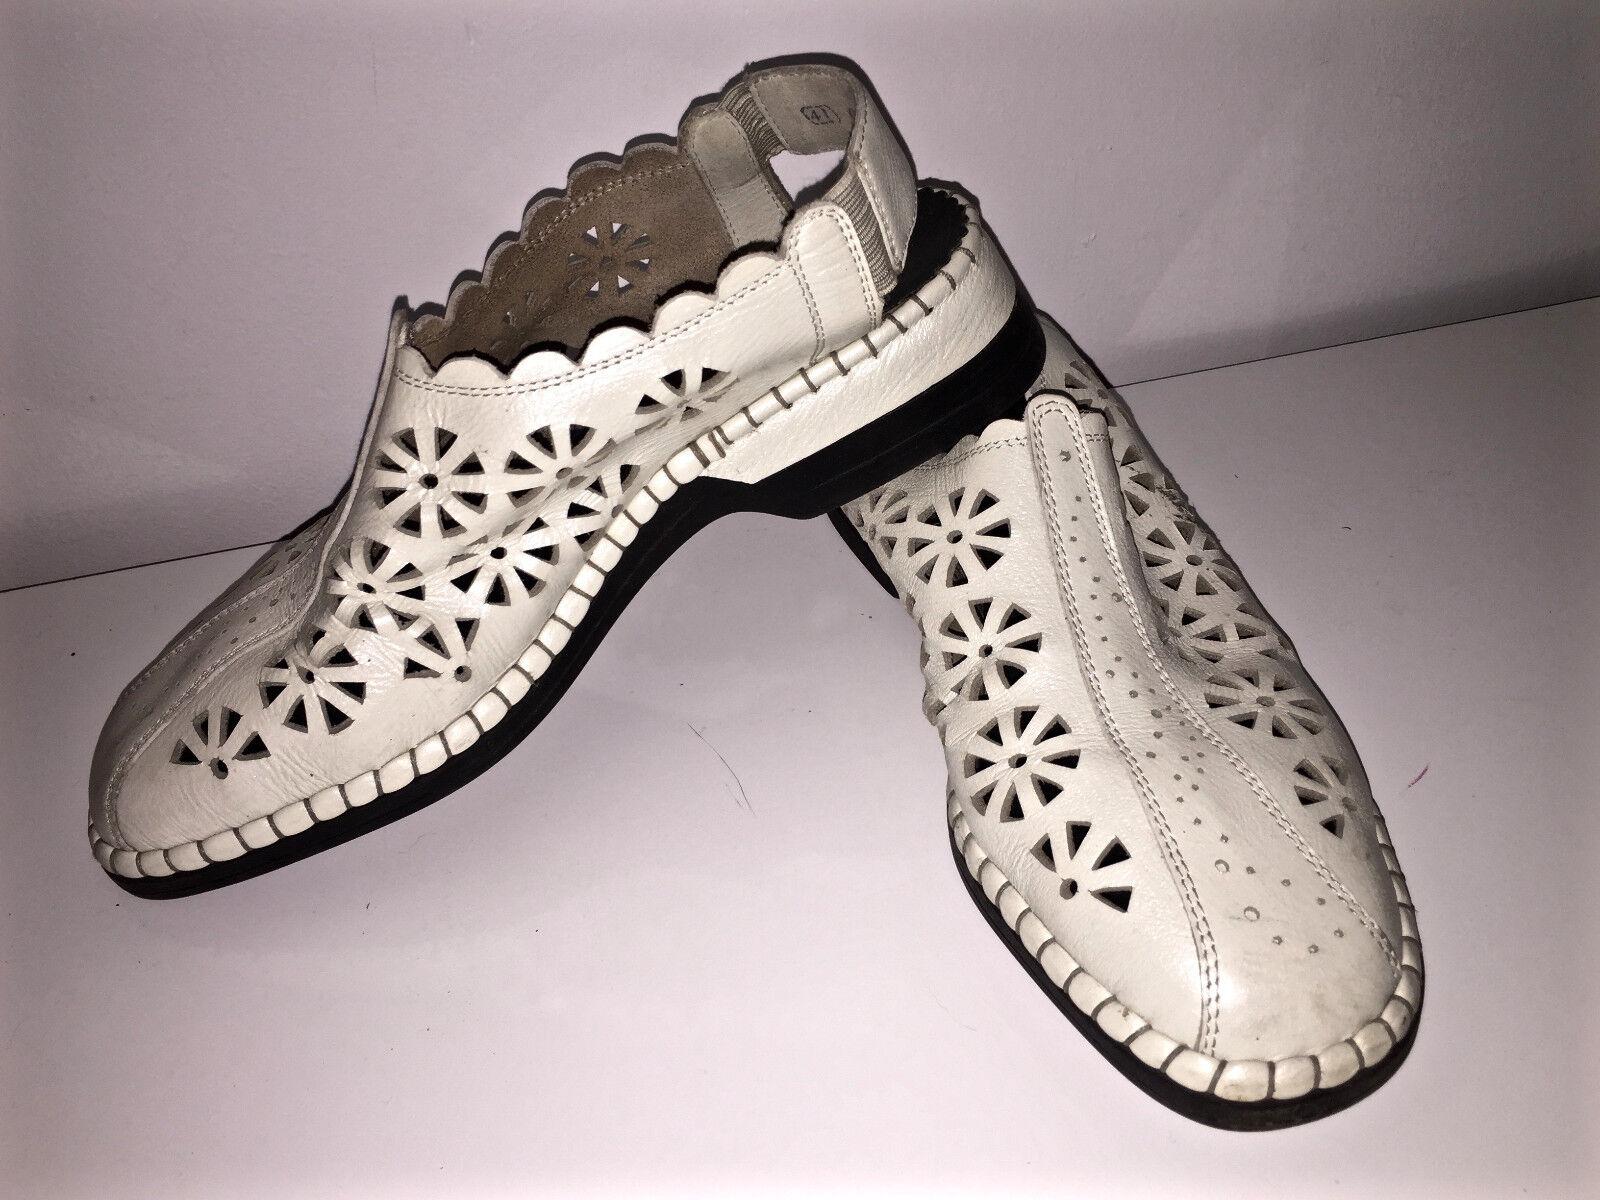 Adorabili sandali di cuoio bianco RIEKER taglia 41 eccellente condizione